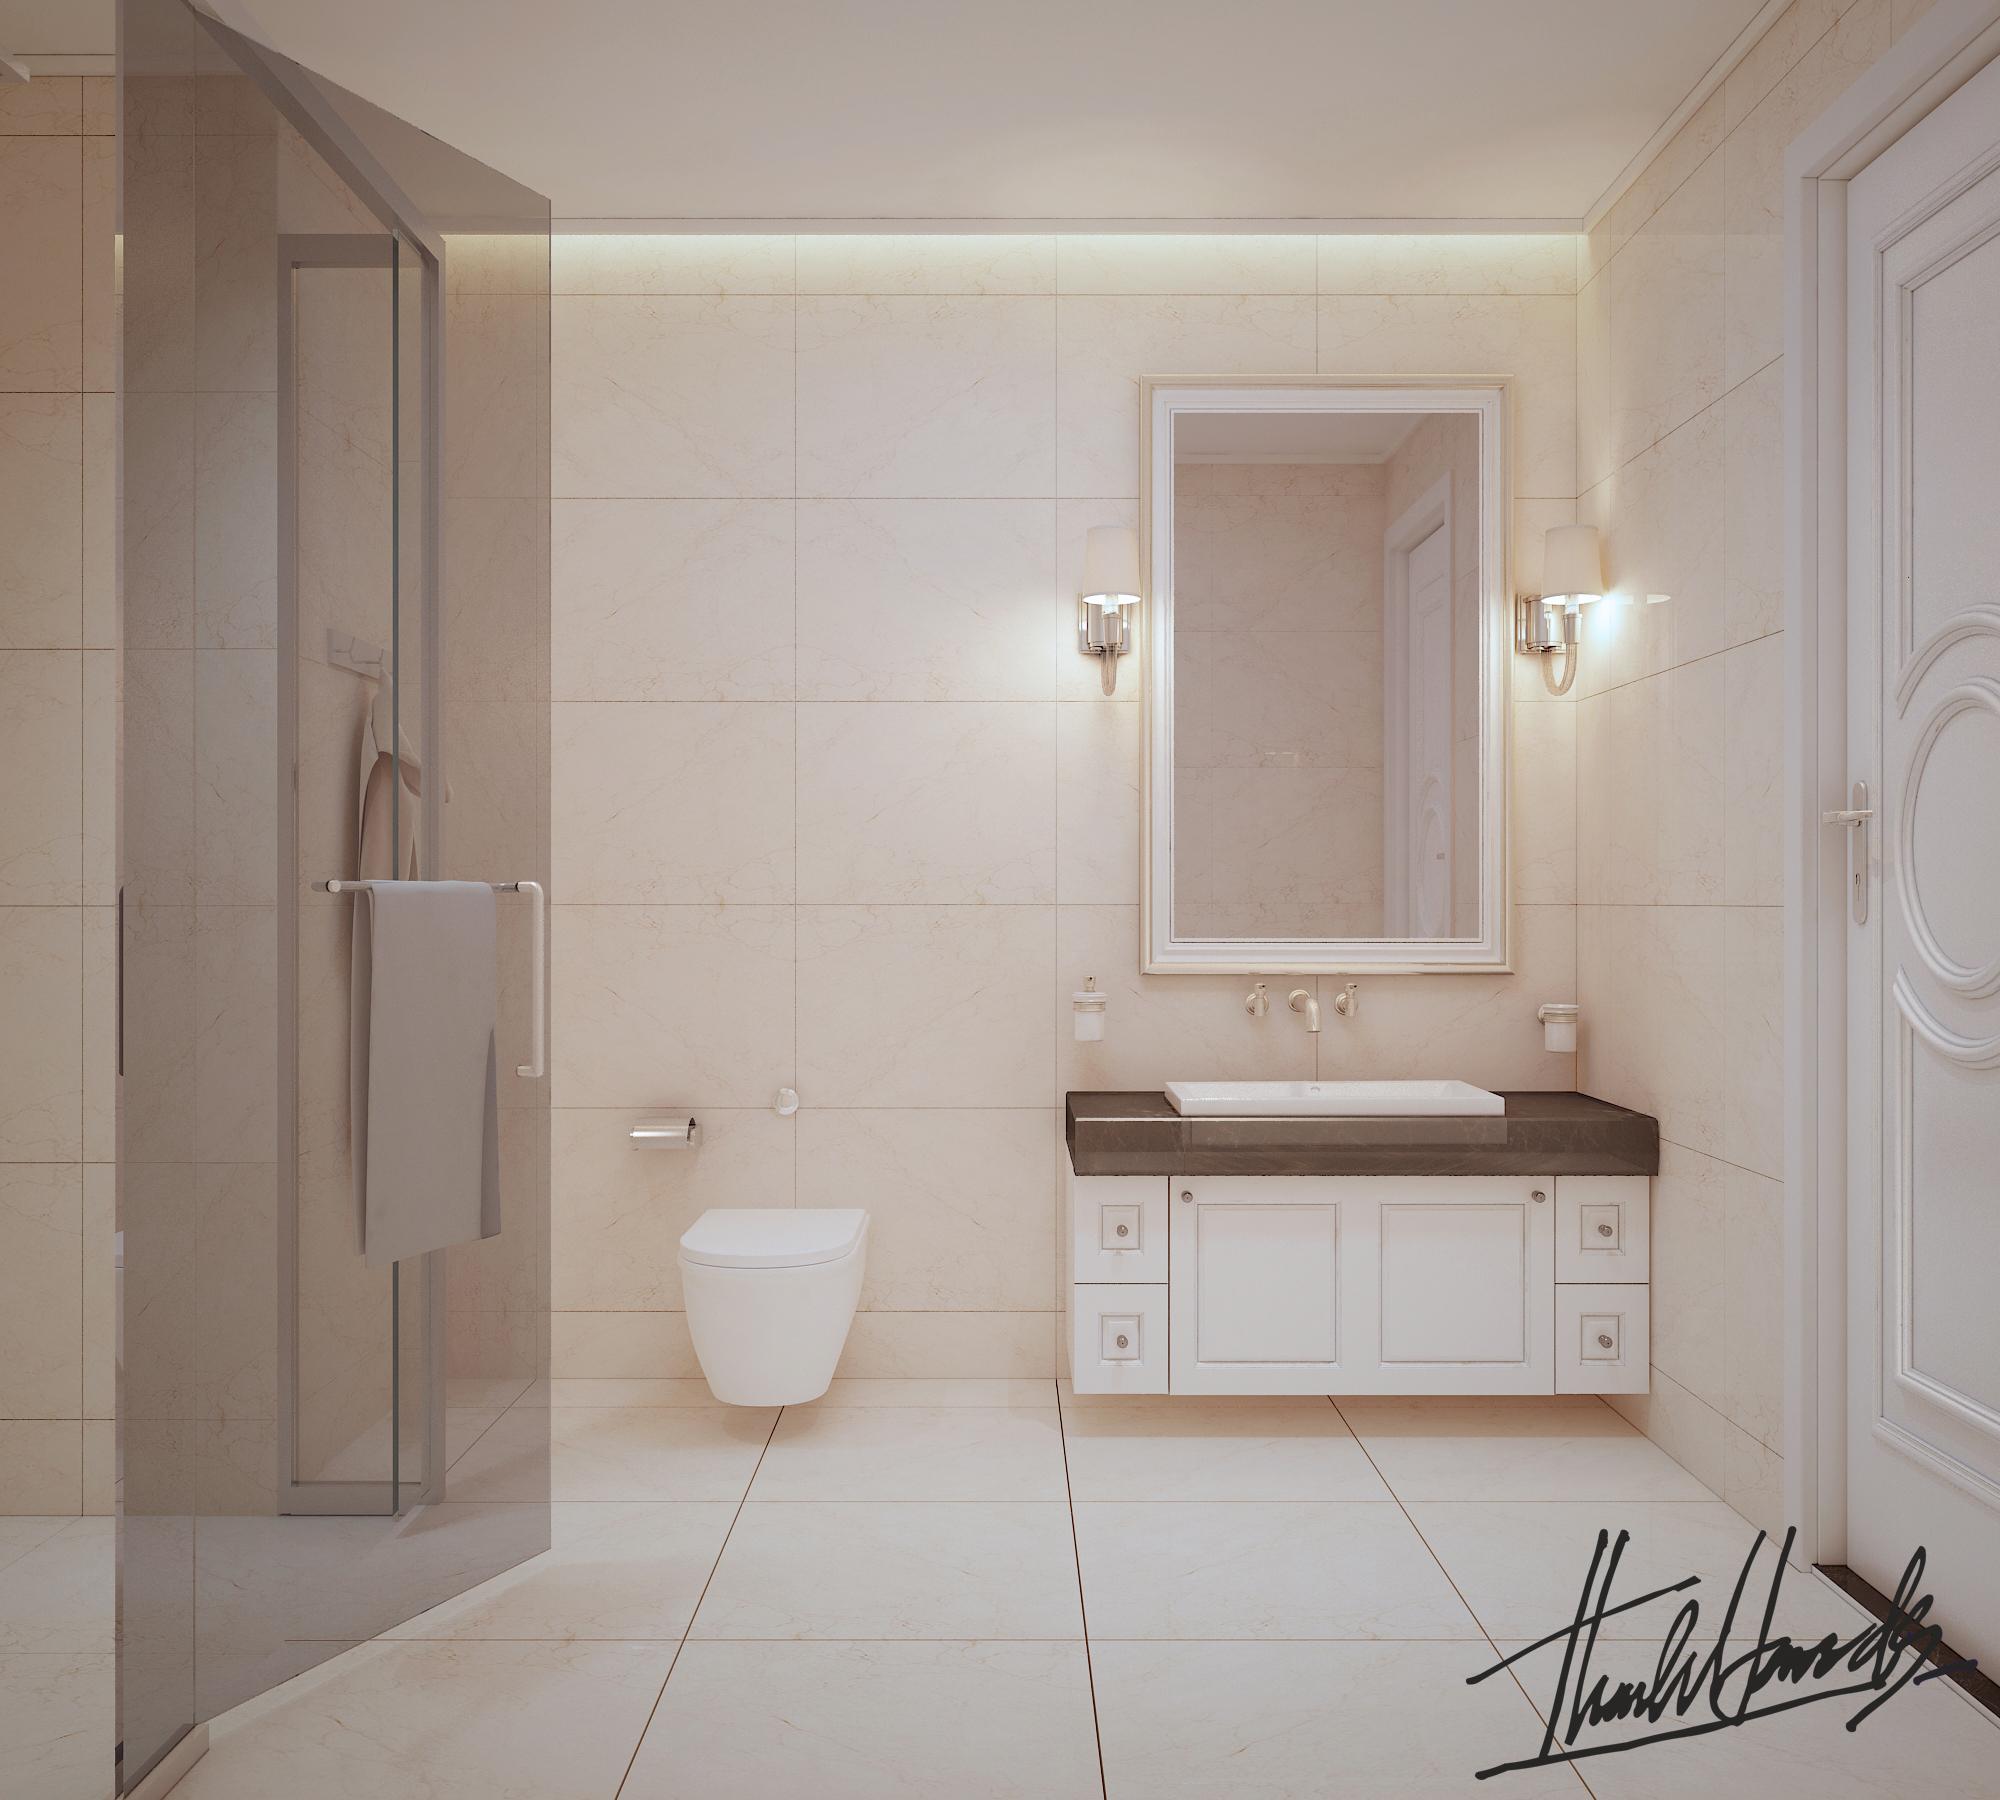 thiết kế nội thất chung cư tại Hà Nội chung cu royacity 23 1568191846